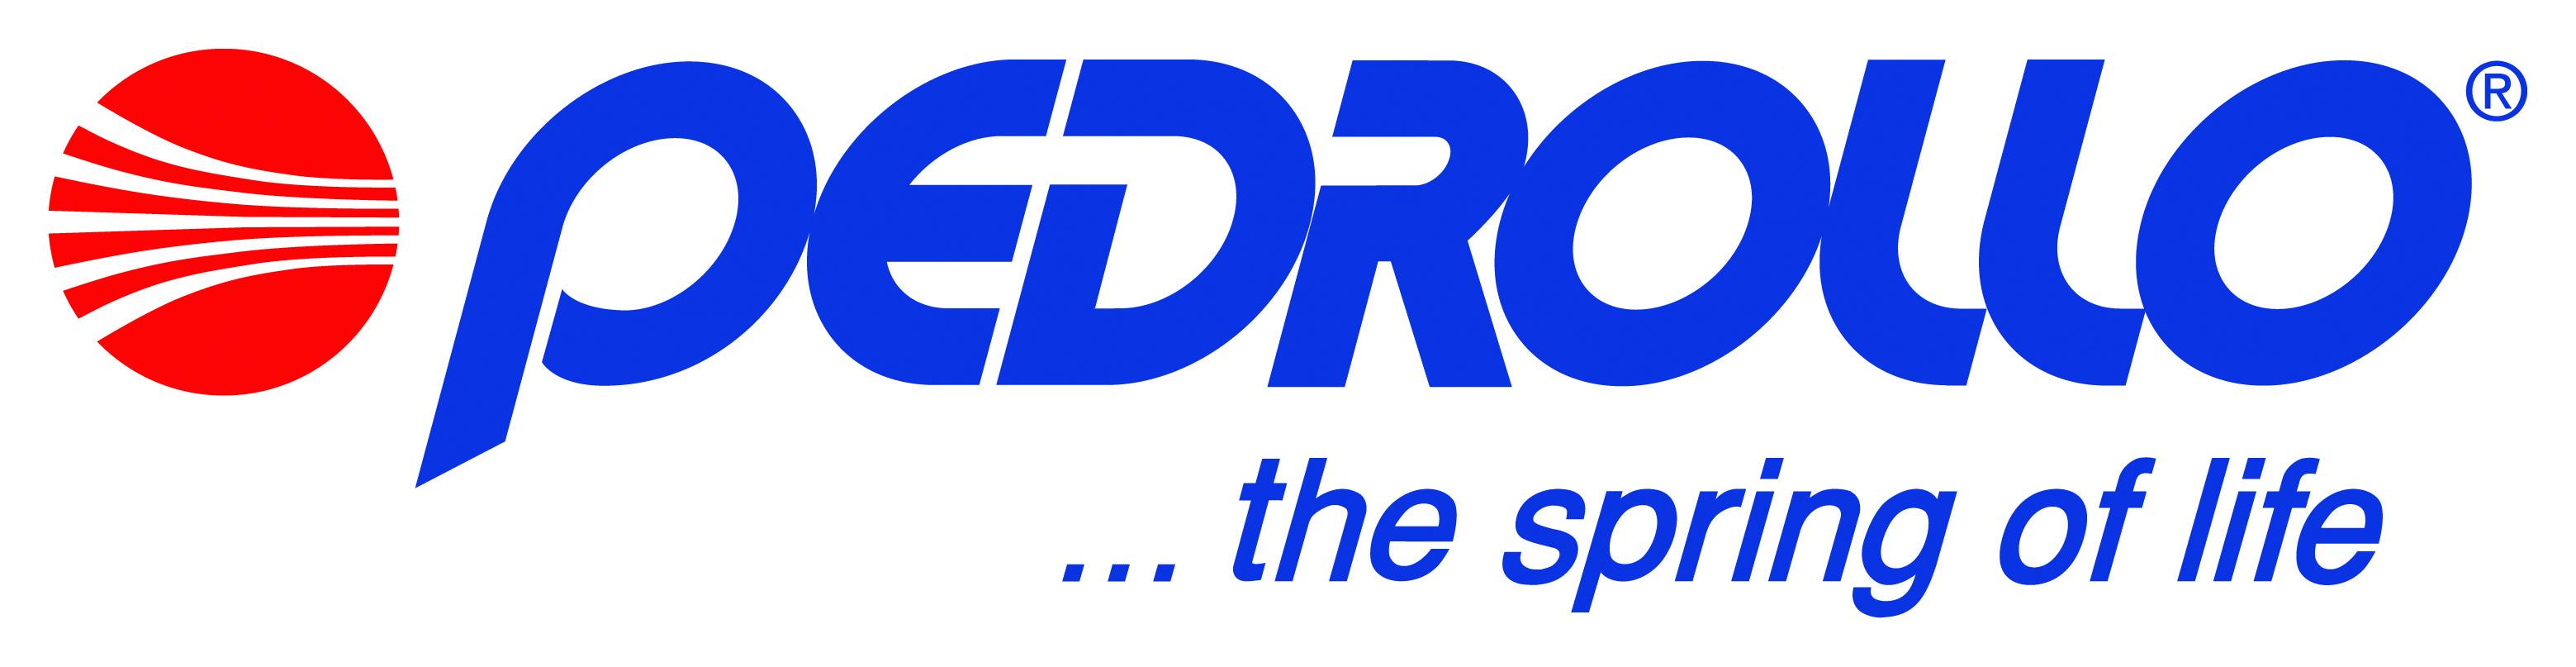 katalog-Pedrollo-logo.jpg